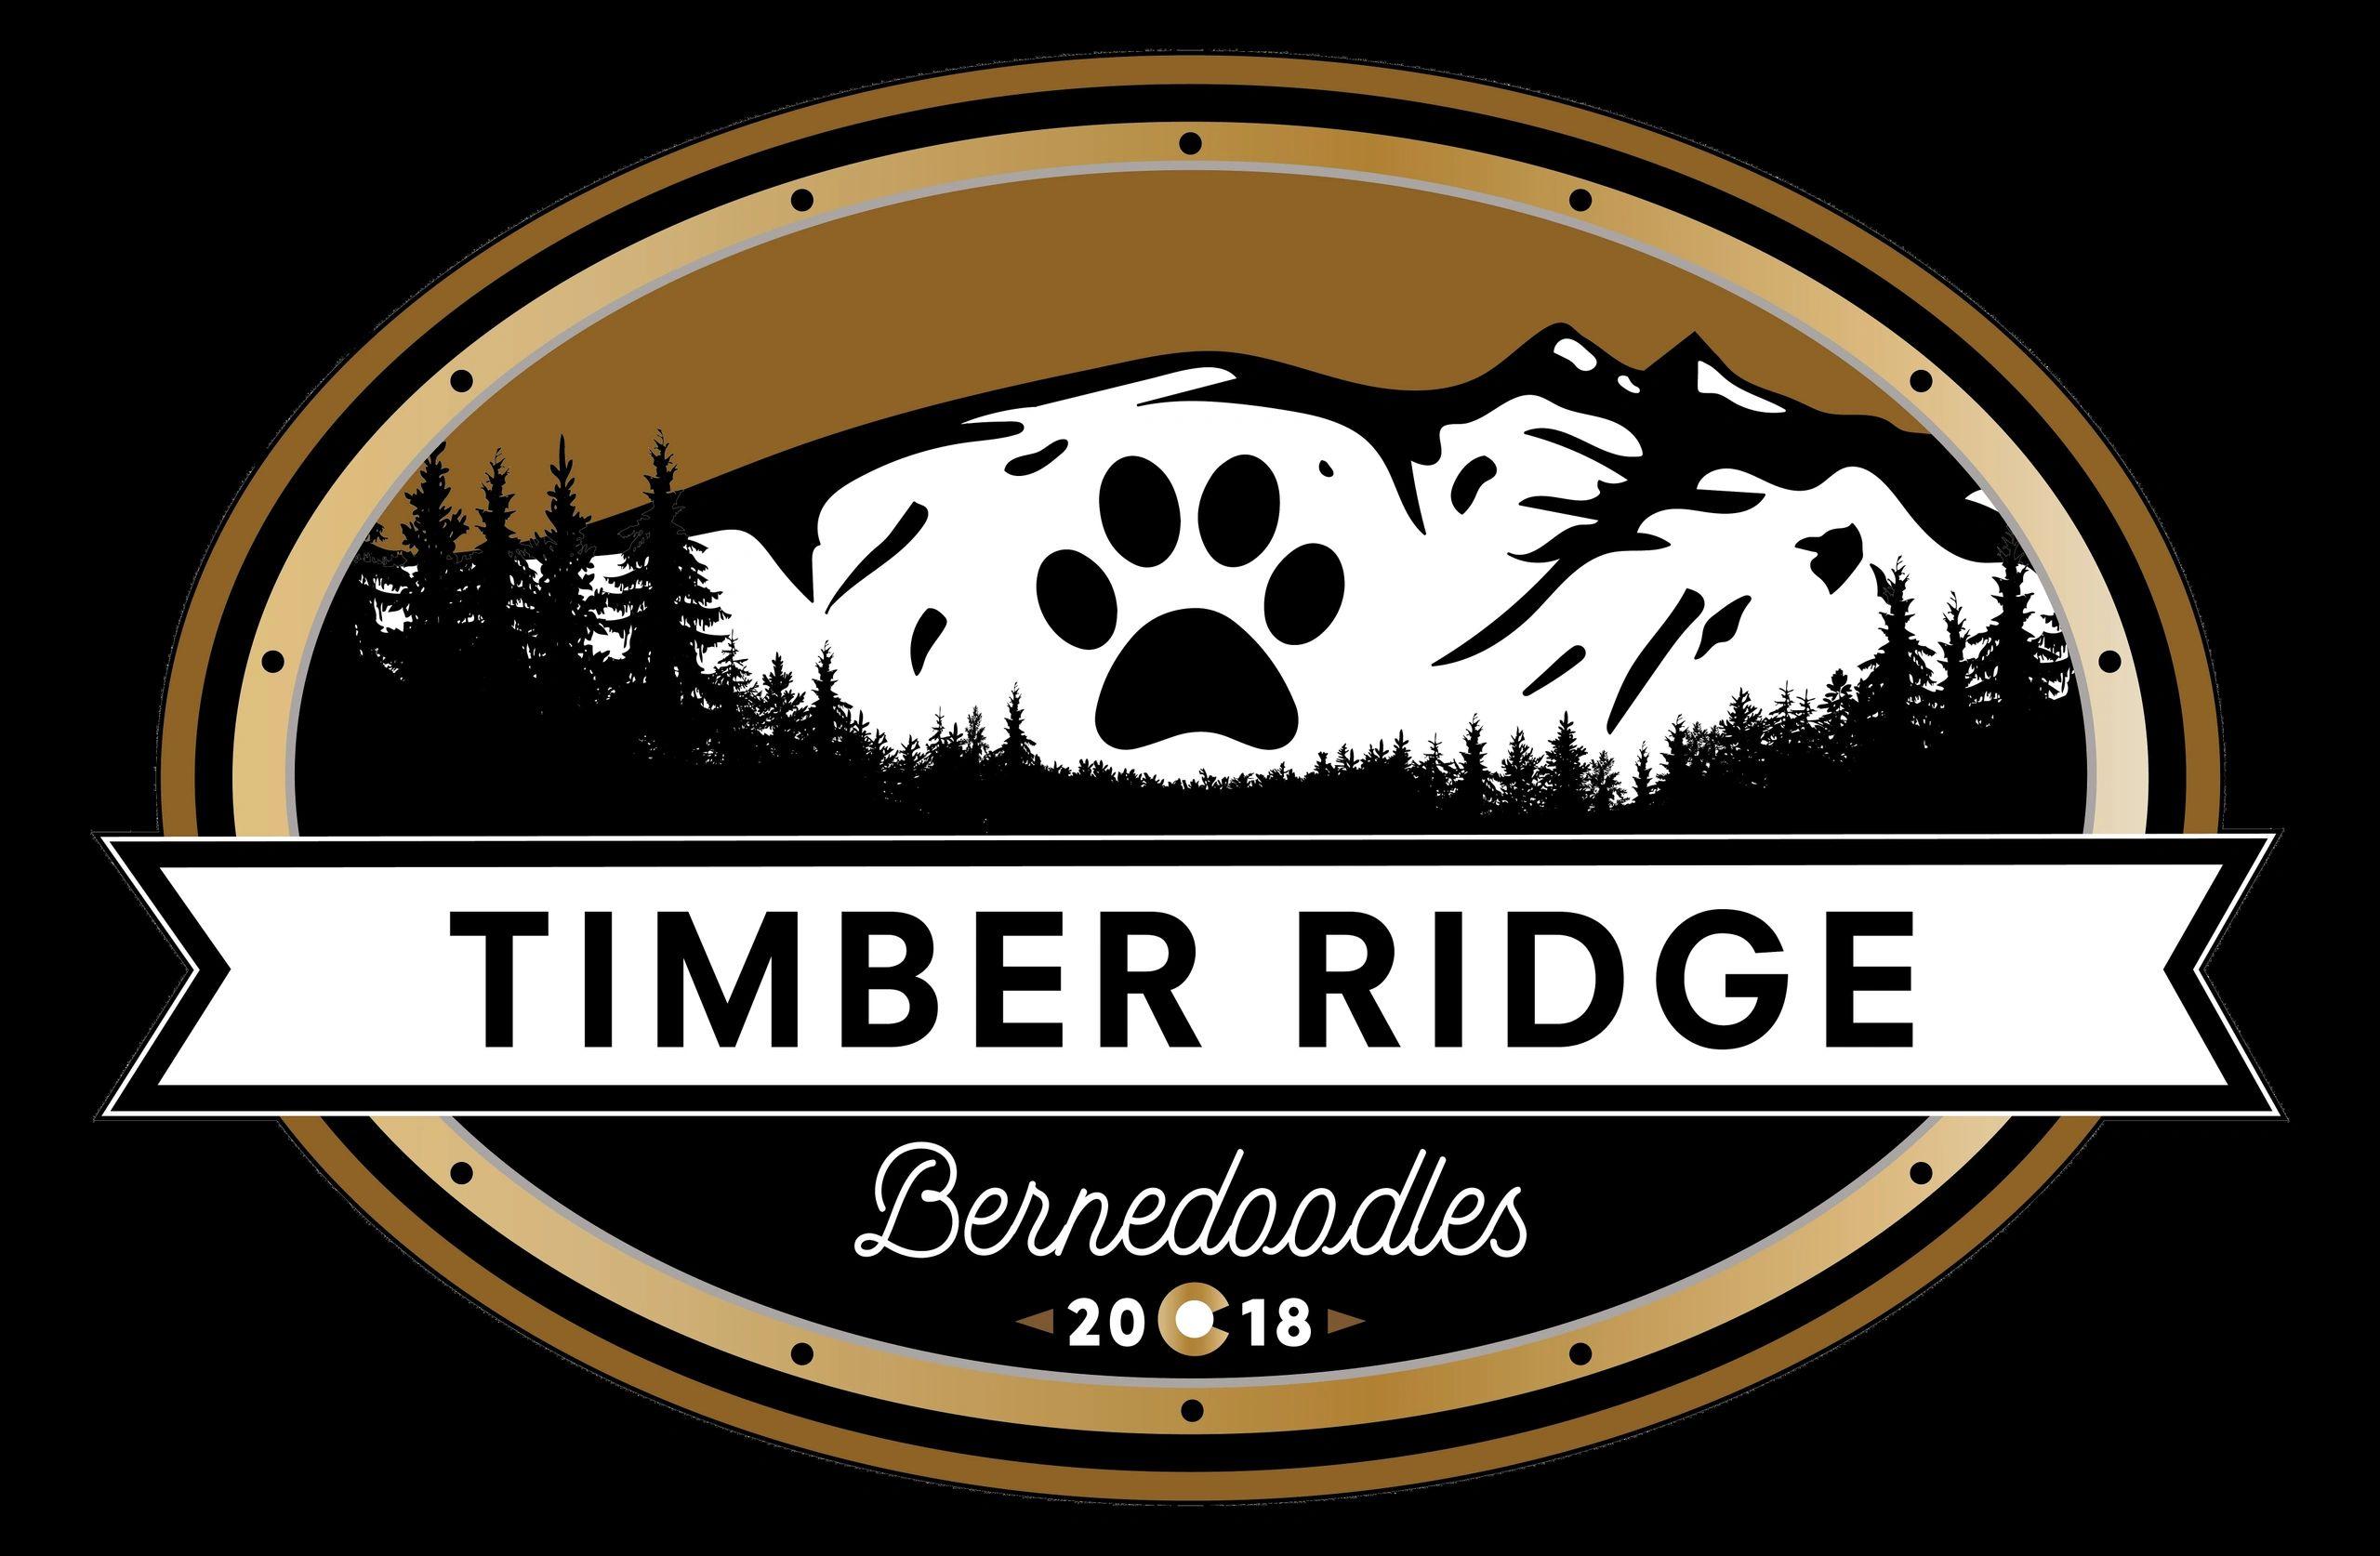 Timber Ridge Bernedoodles Puppies Bernedoodles Timber